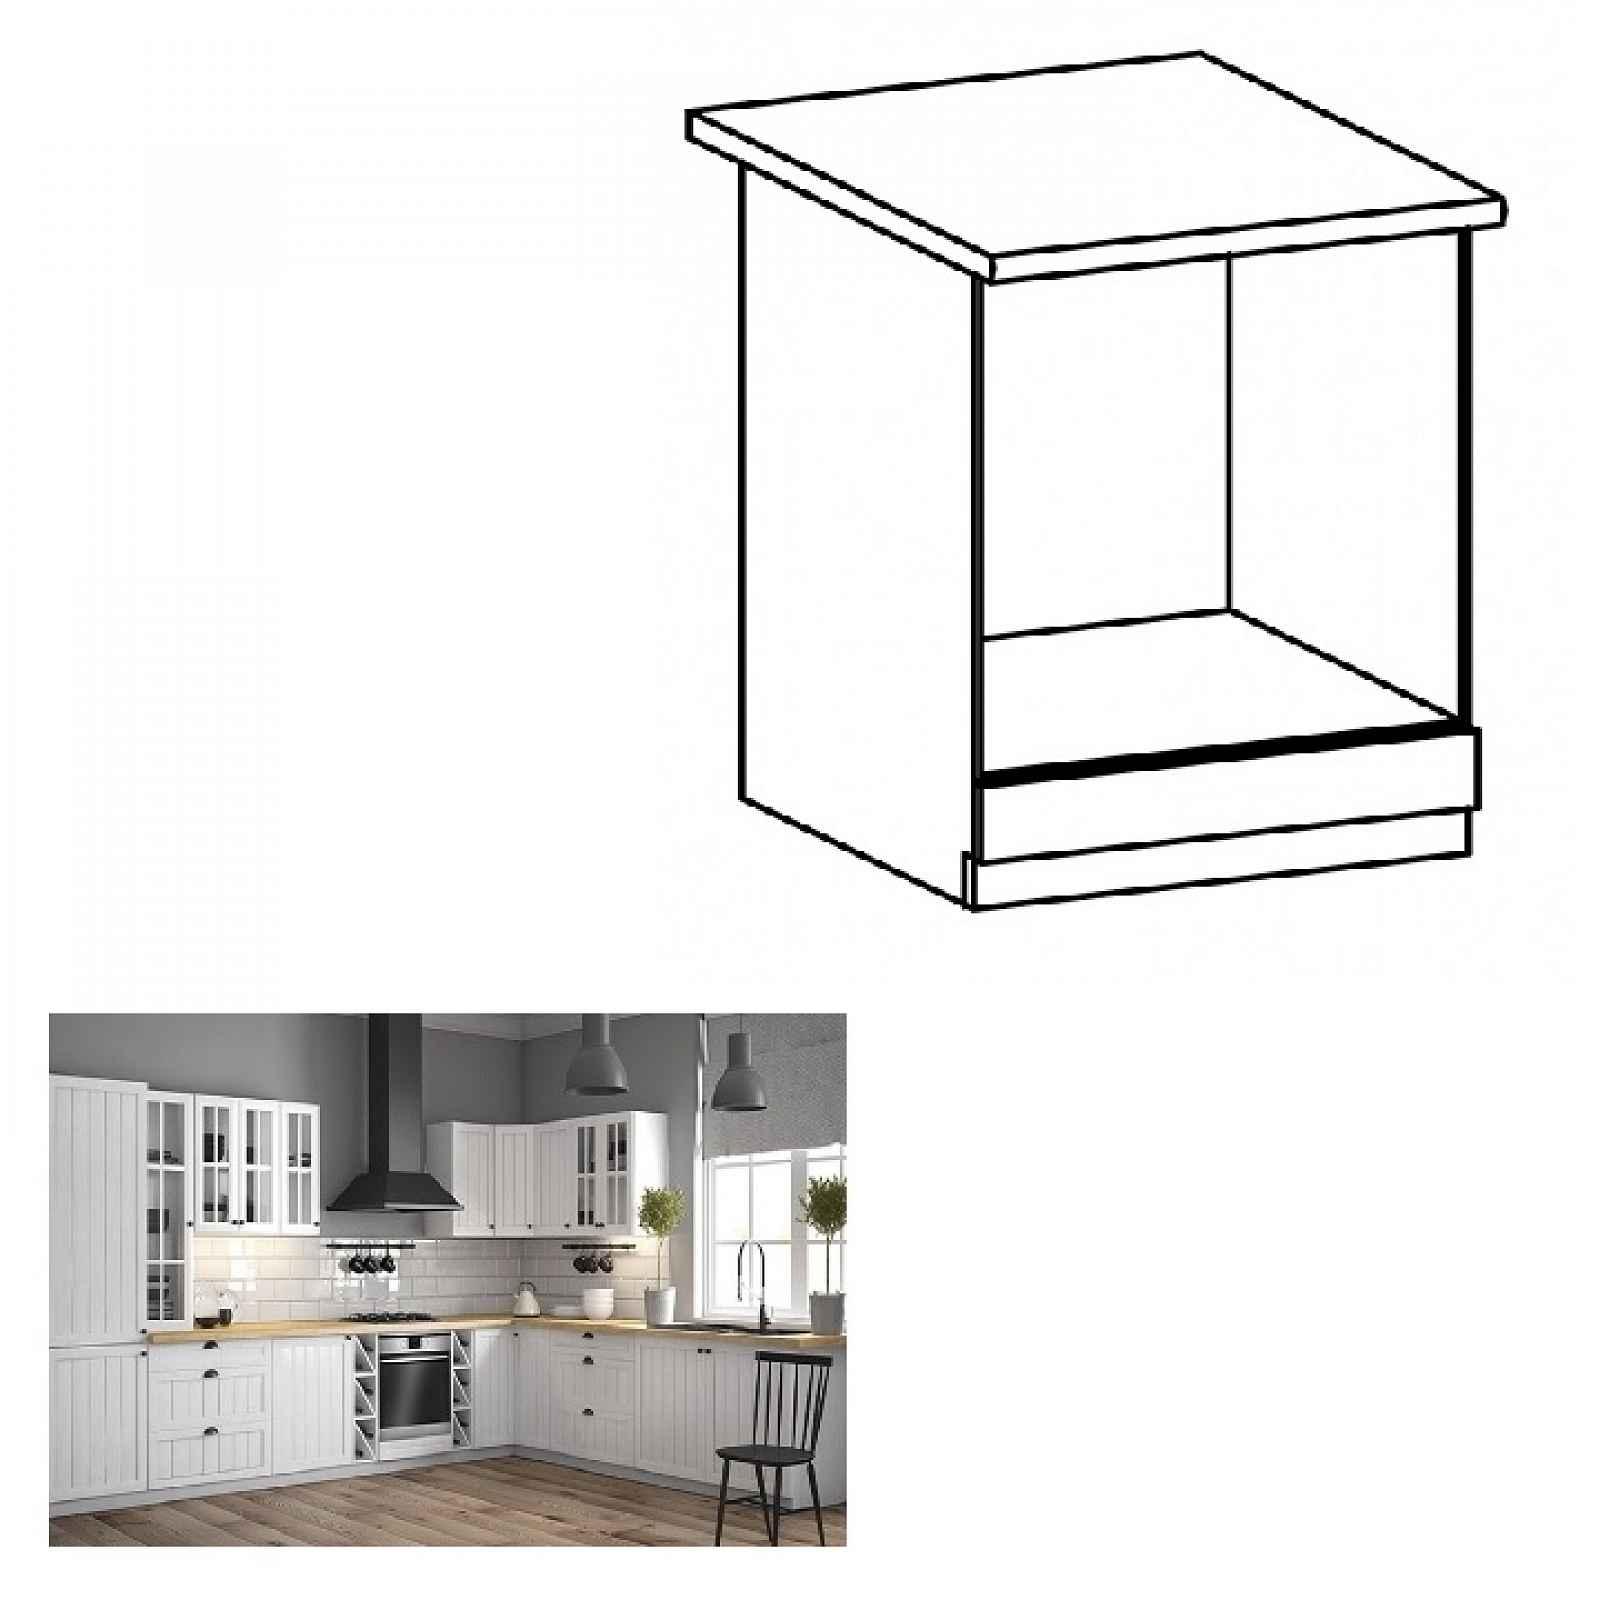 Spodní skříňka na vestavěné spotřebiče PROVANCE D60ZK bílá / sosna andersen Tempo Kondela